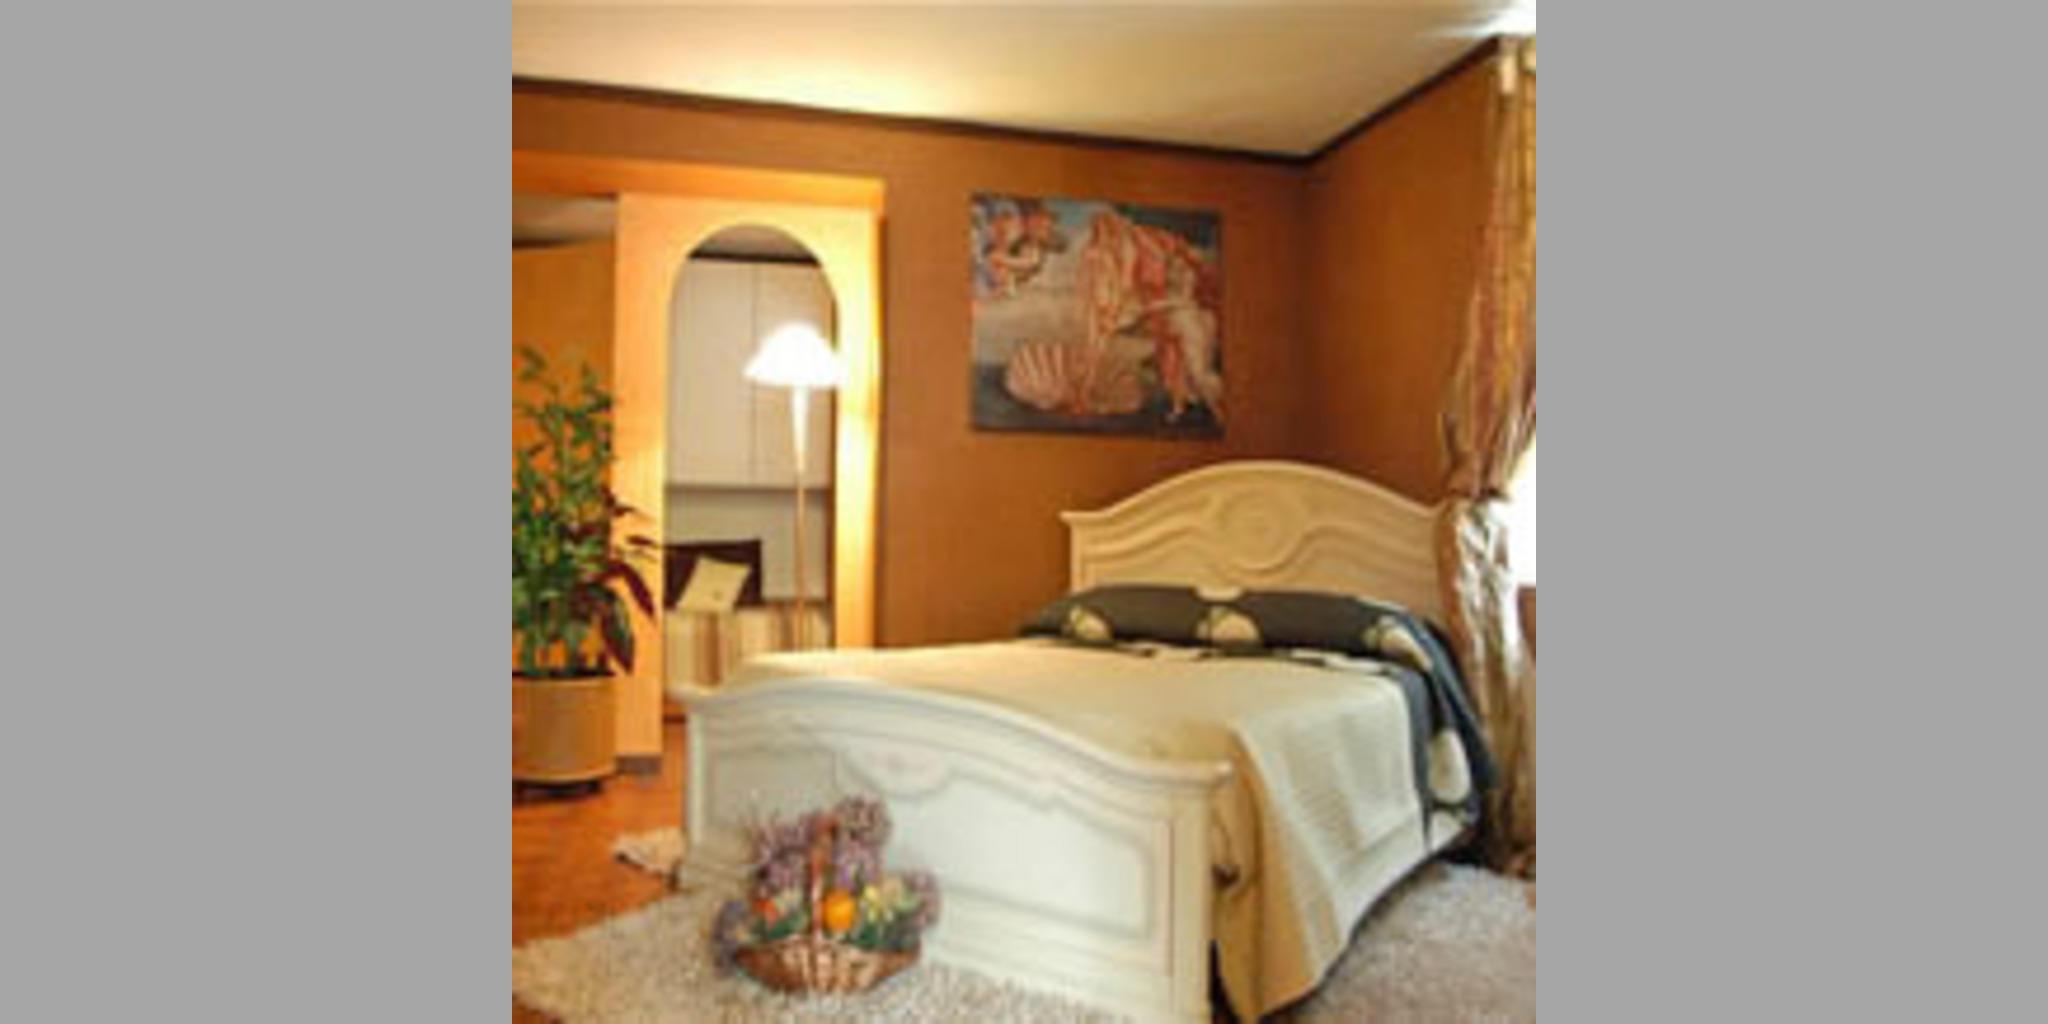 Appartement Varese - Lago Maggiore  Varese 1